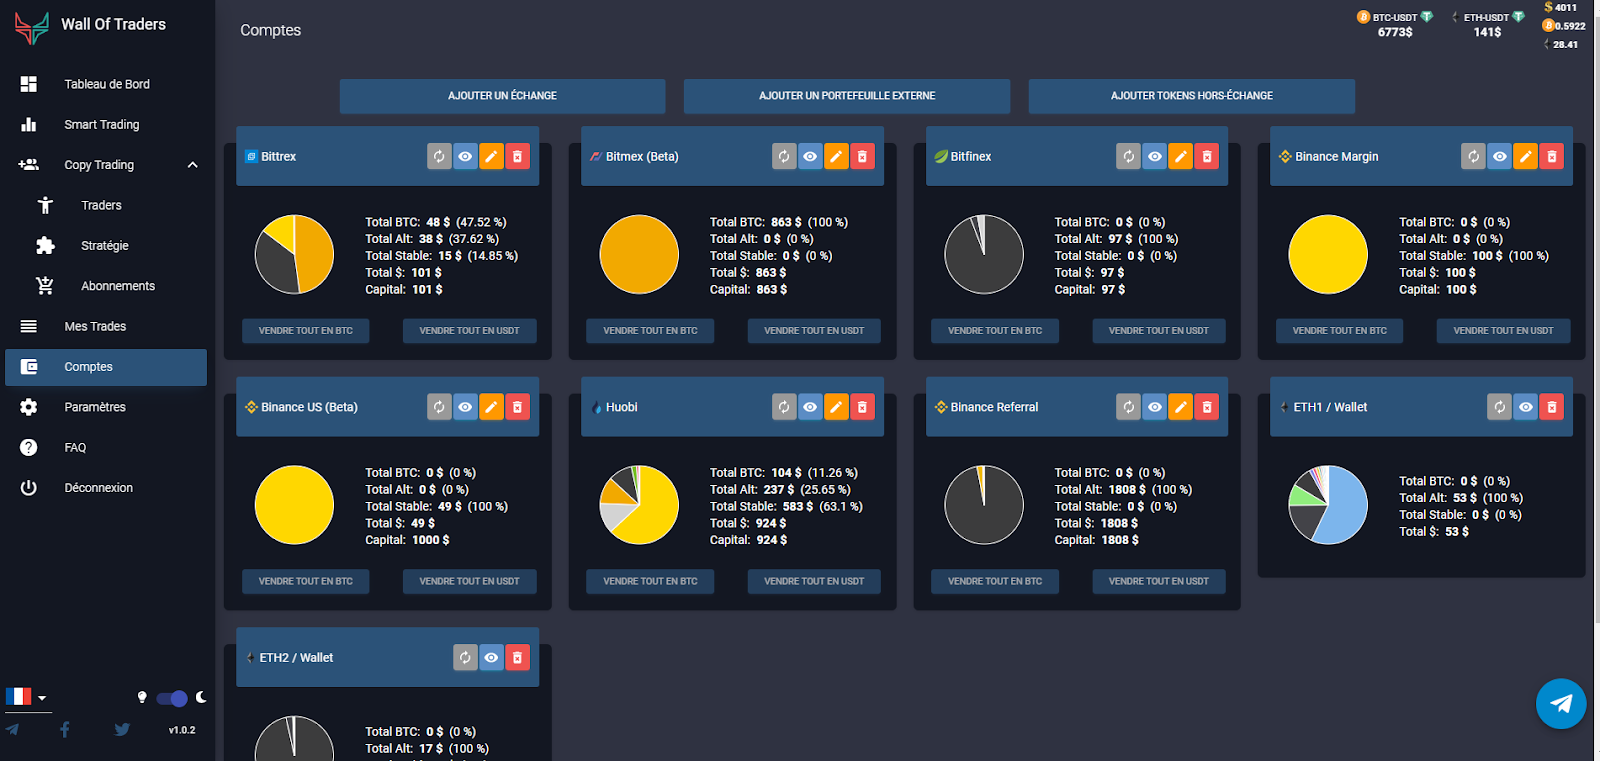 visualisation des comptes de crypto trading (échanges, portefeuilles, tokens, coins)